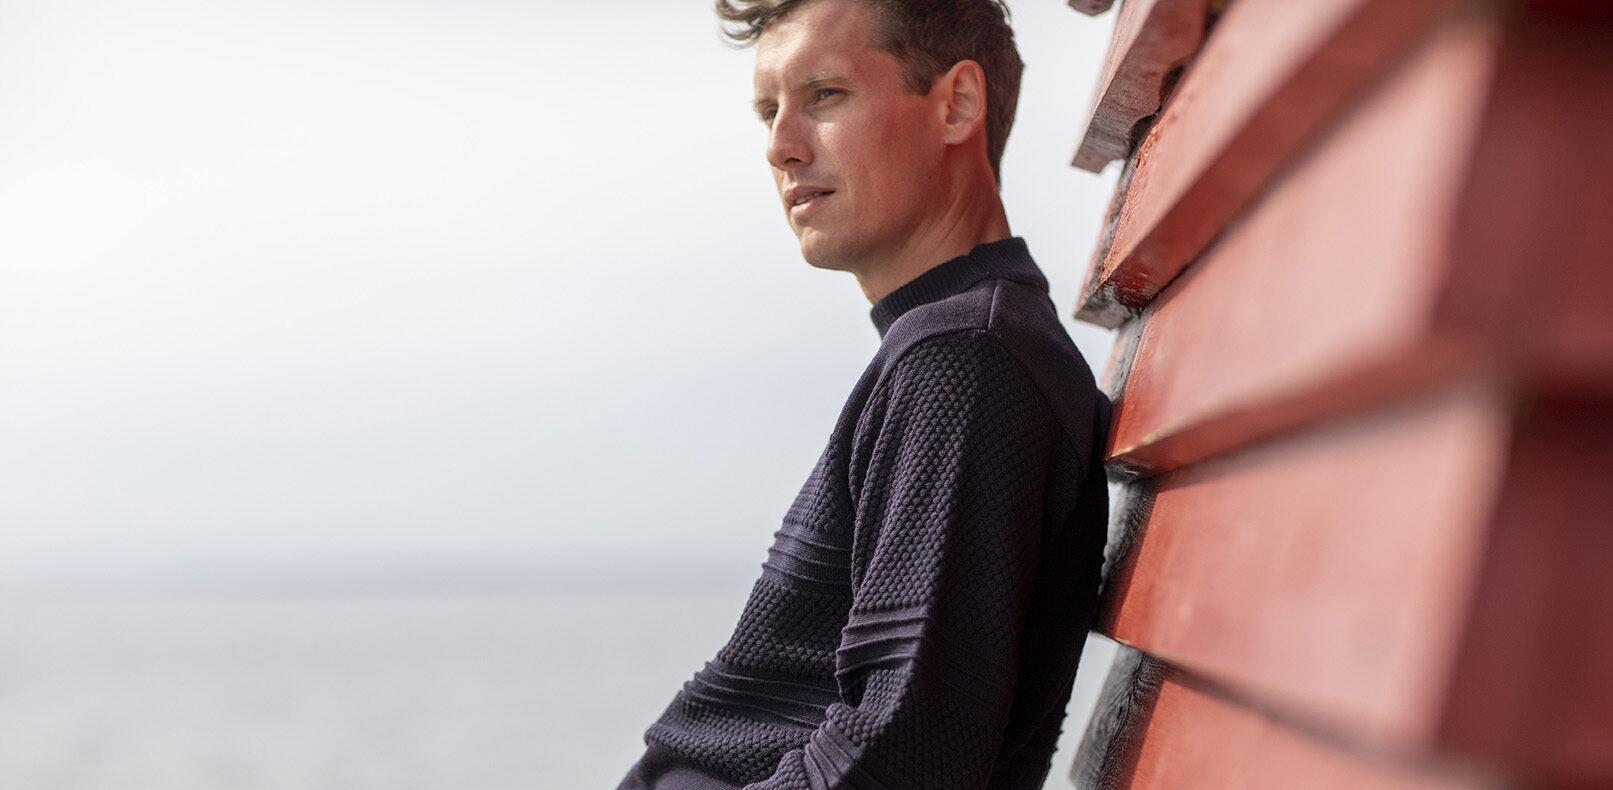 LYNÆS sweater sømandstrøje